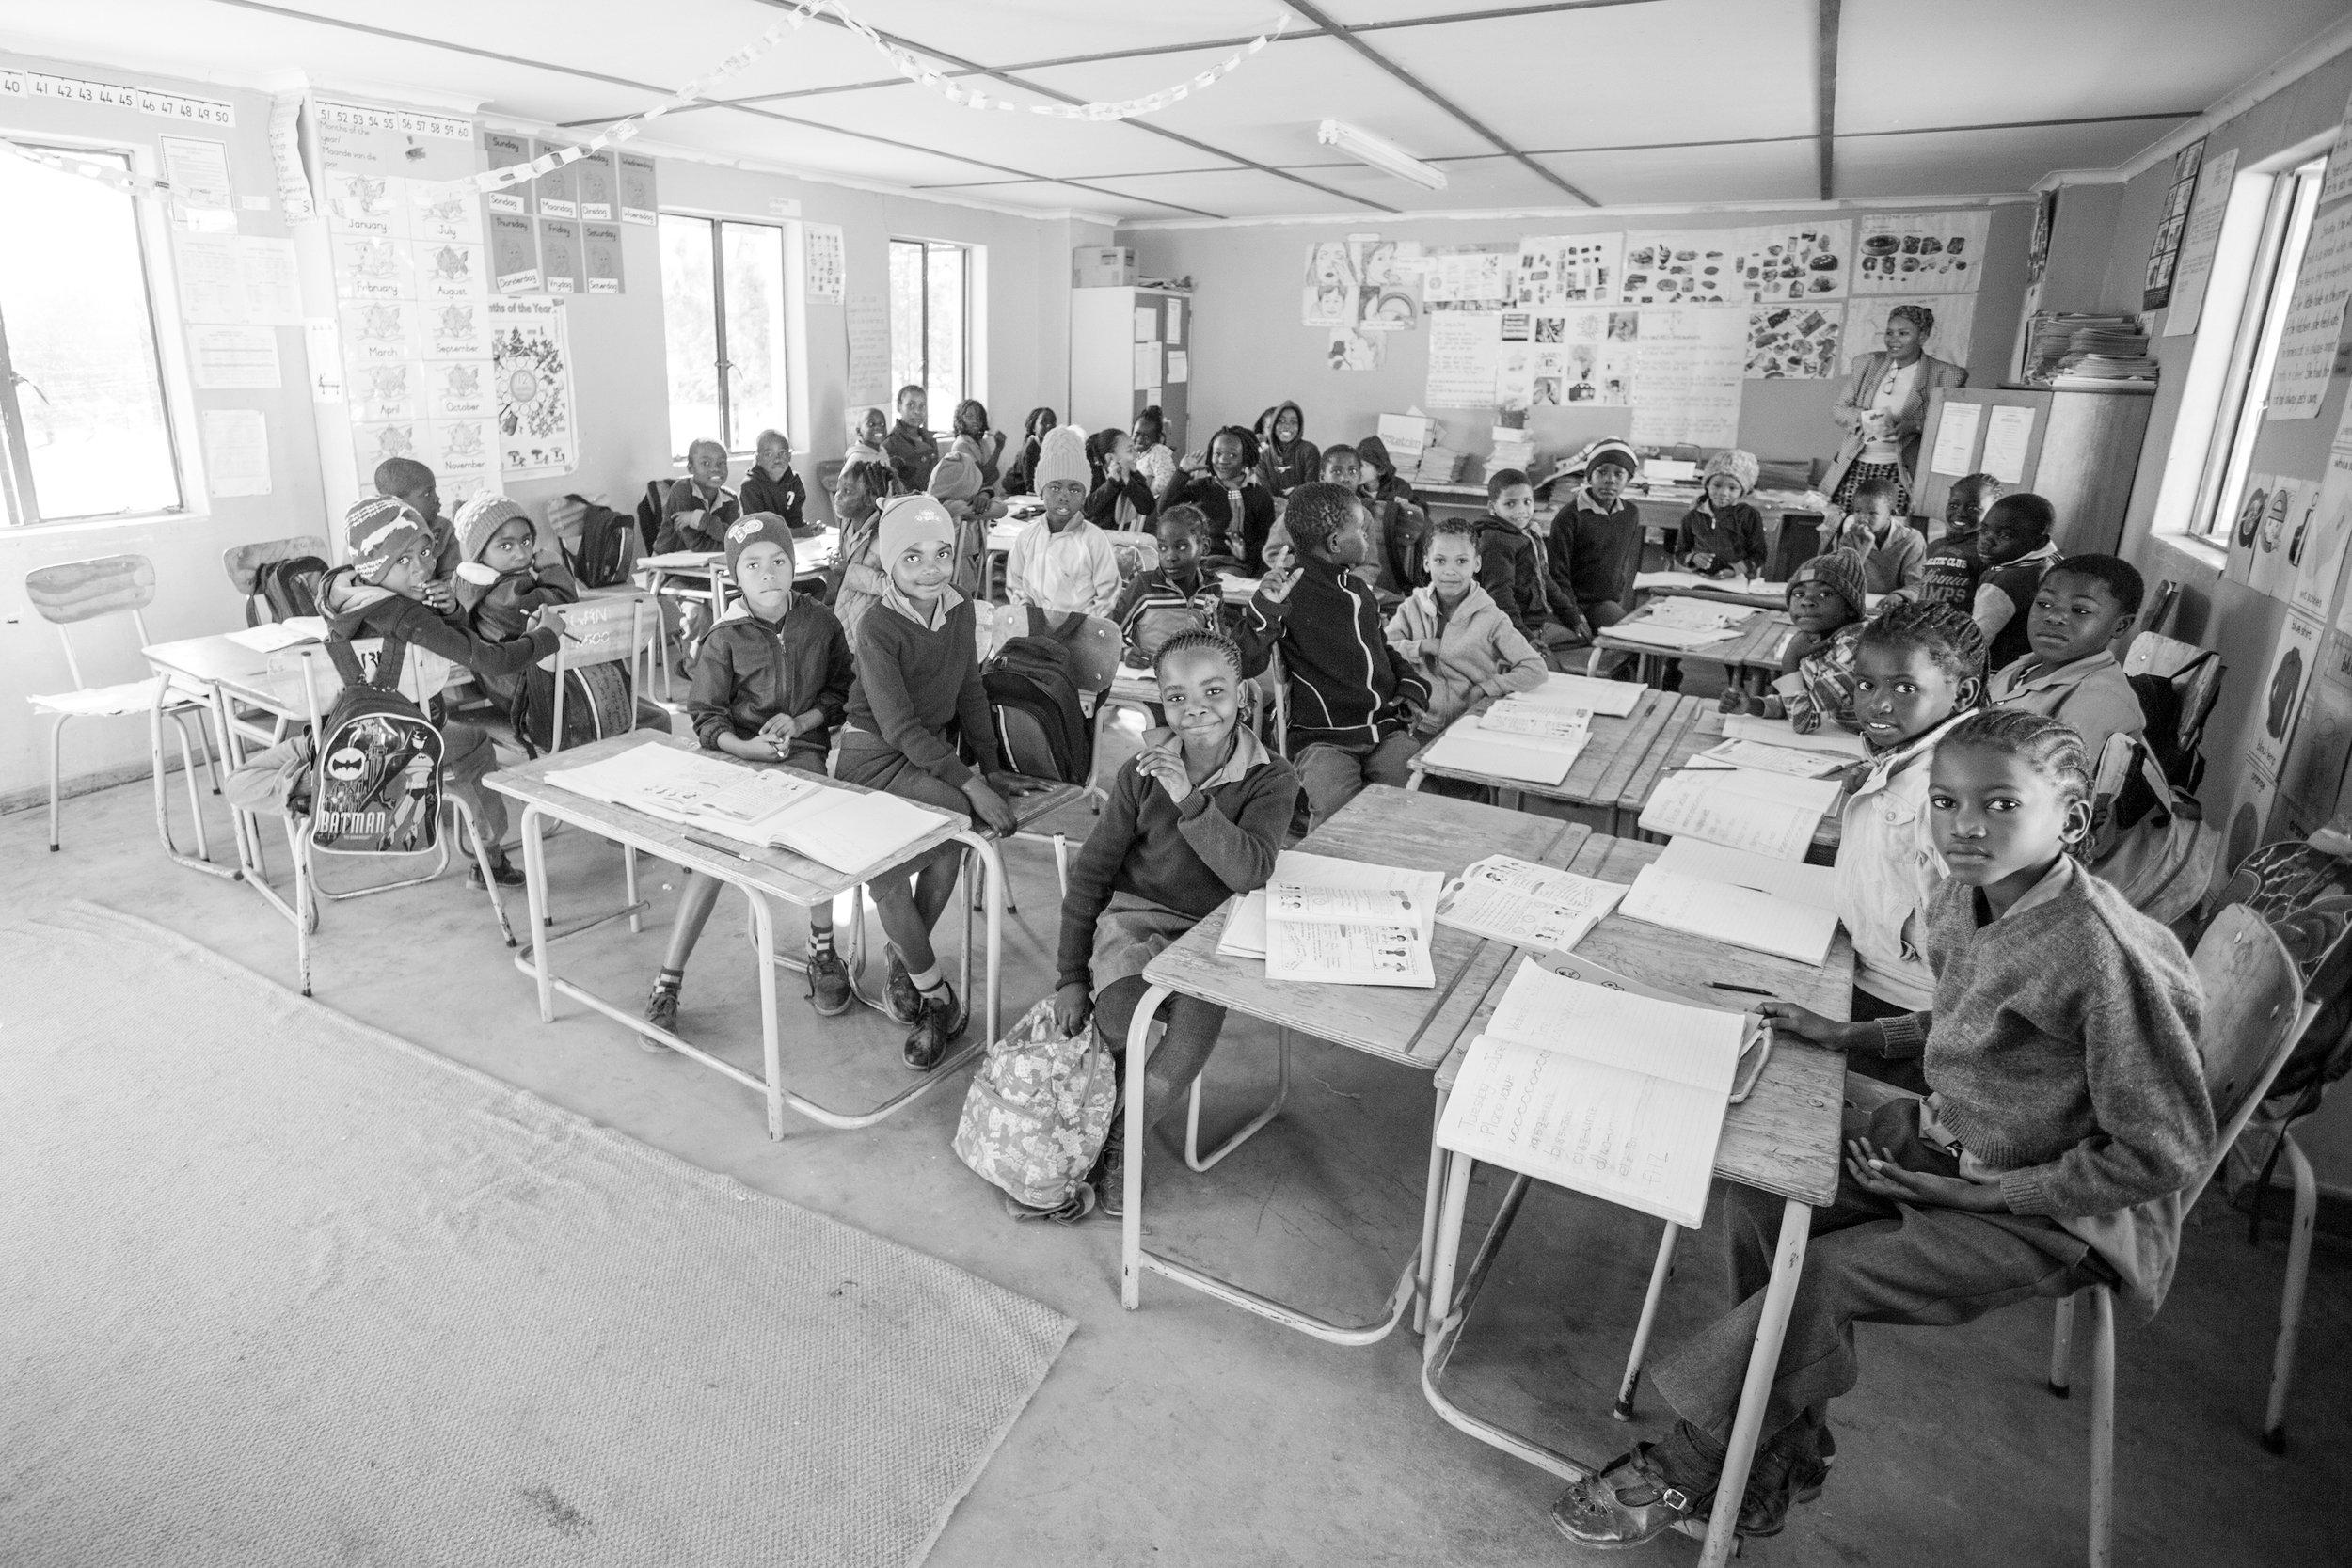 Aussenkehr Primary School